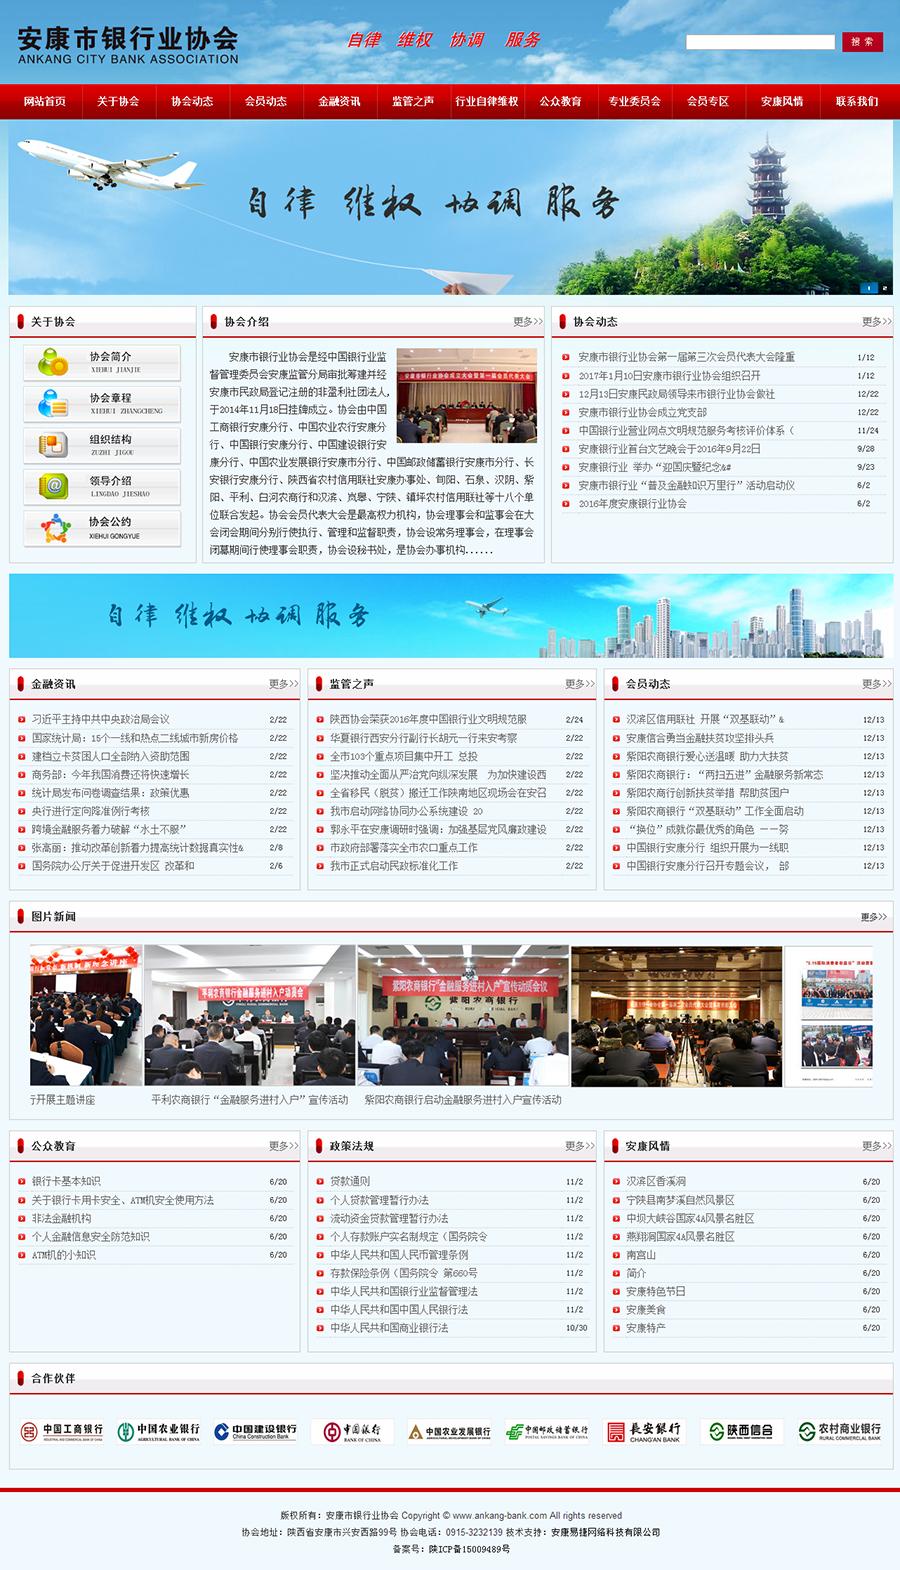 5安康市銀行業協會.jpg